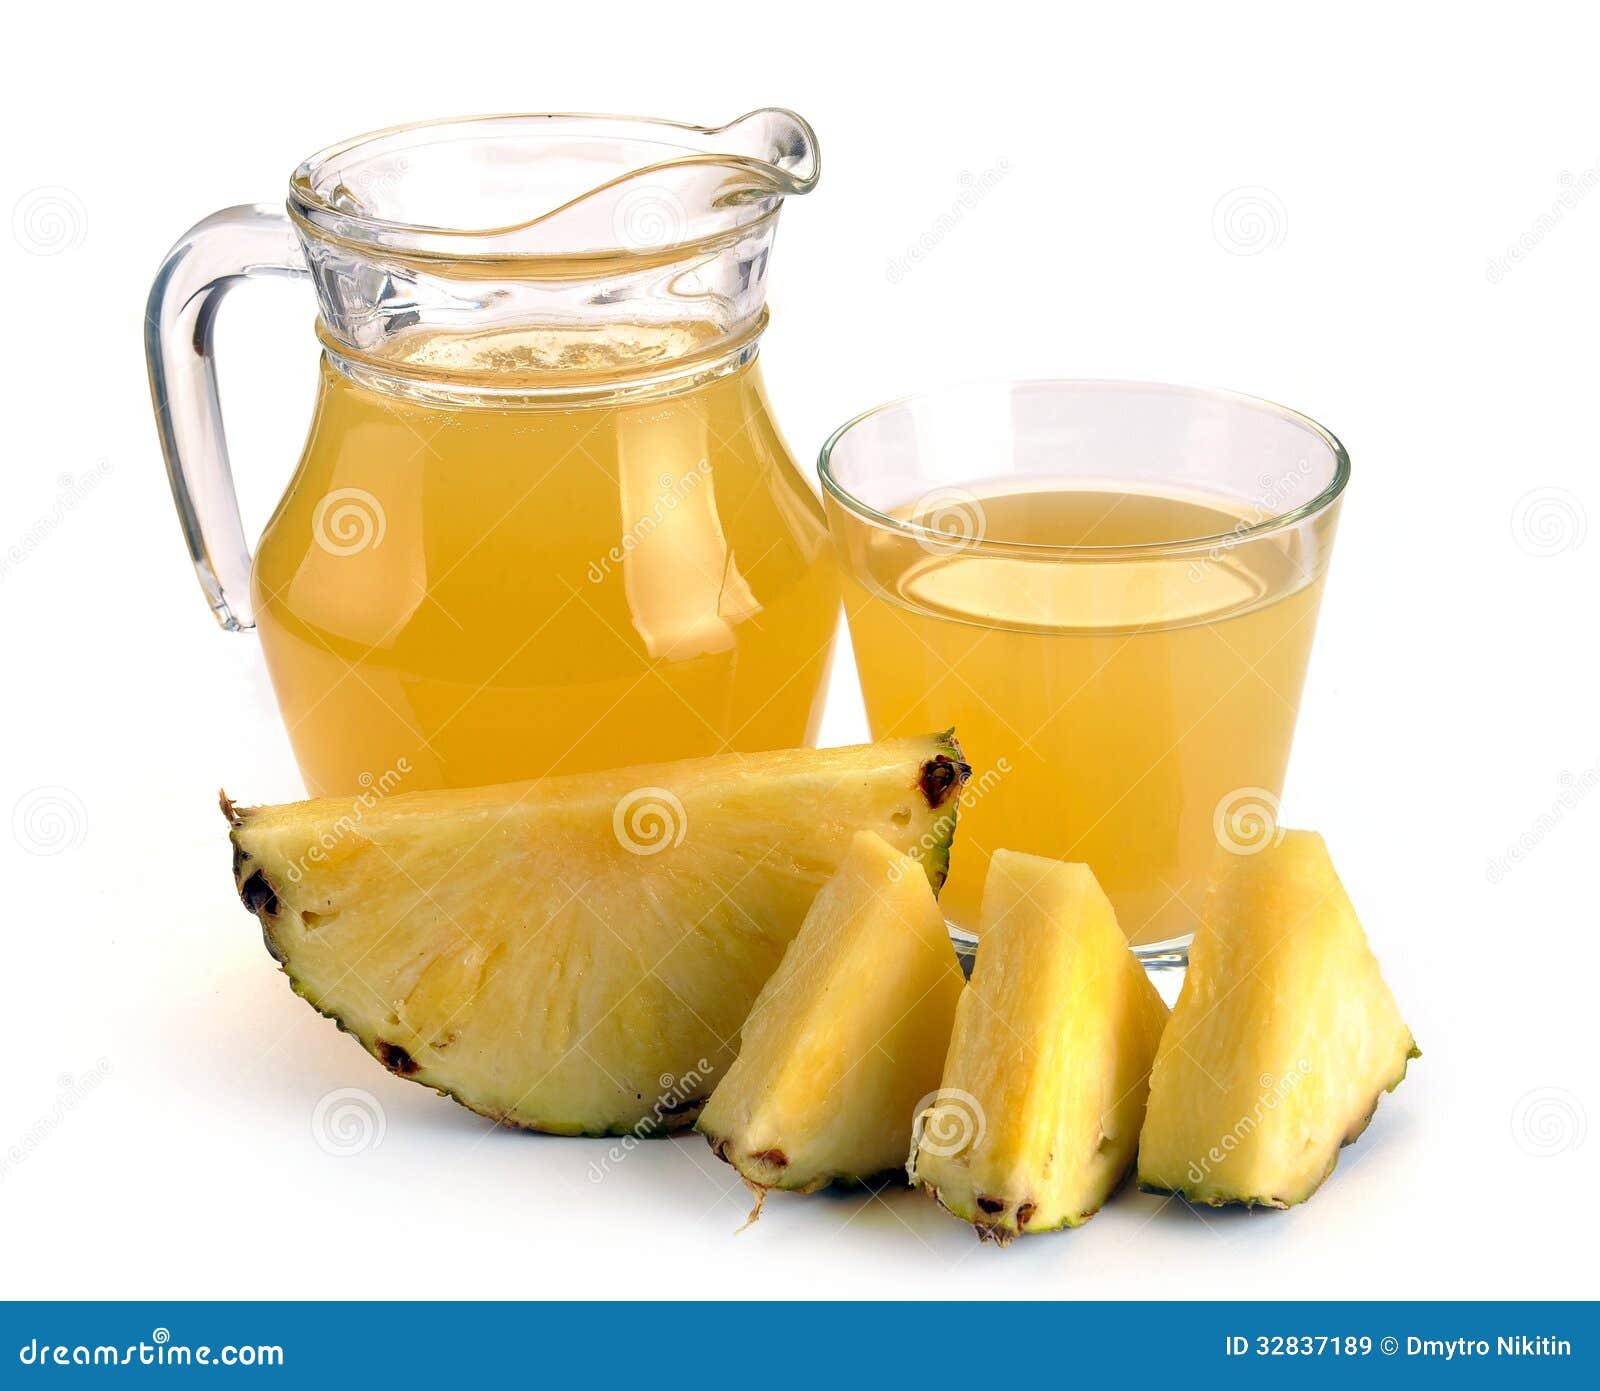 Pełny szkło i dzbanek ananasowy sok